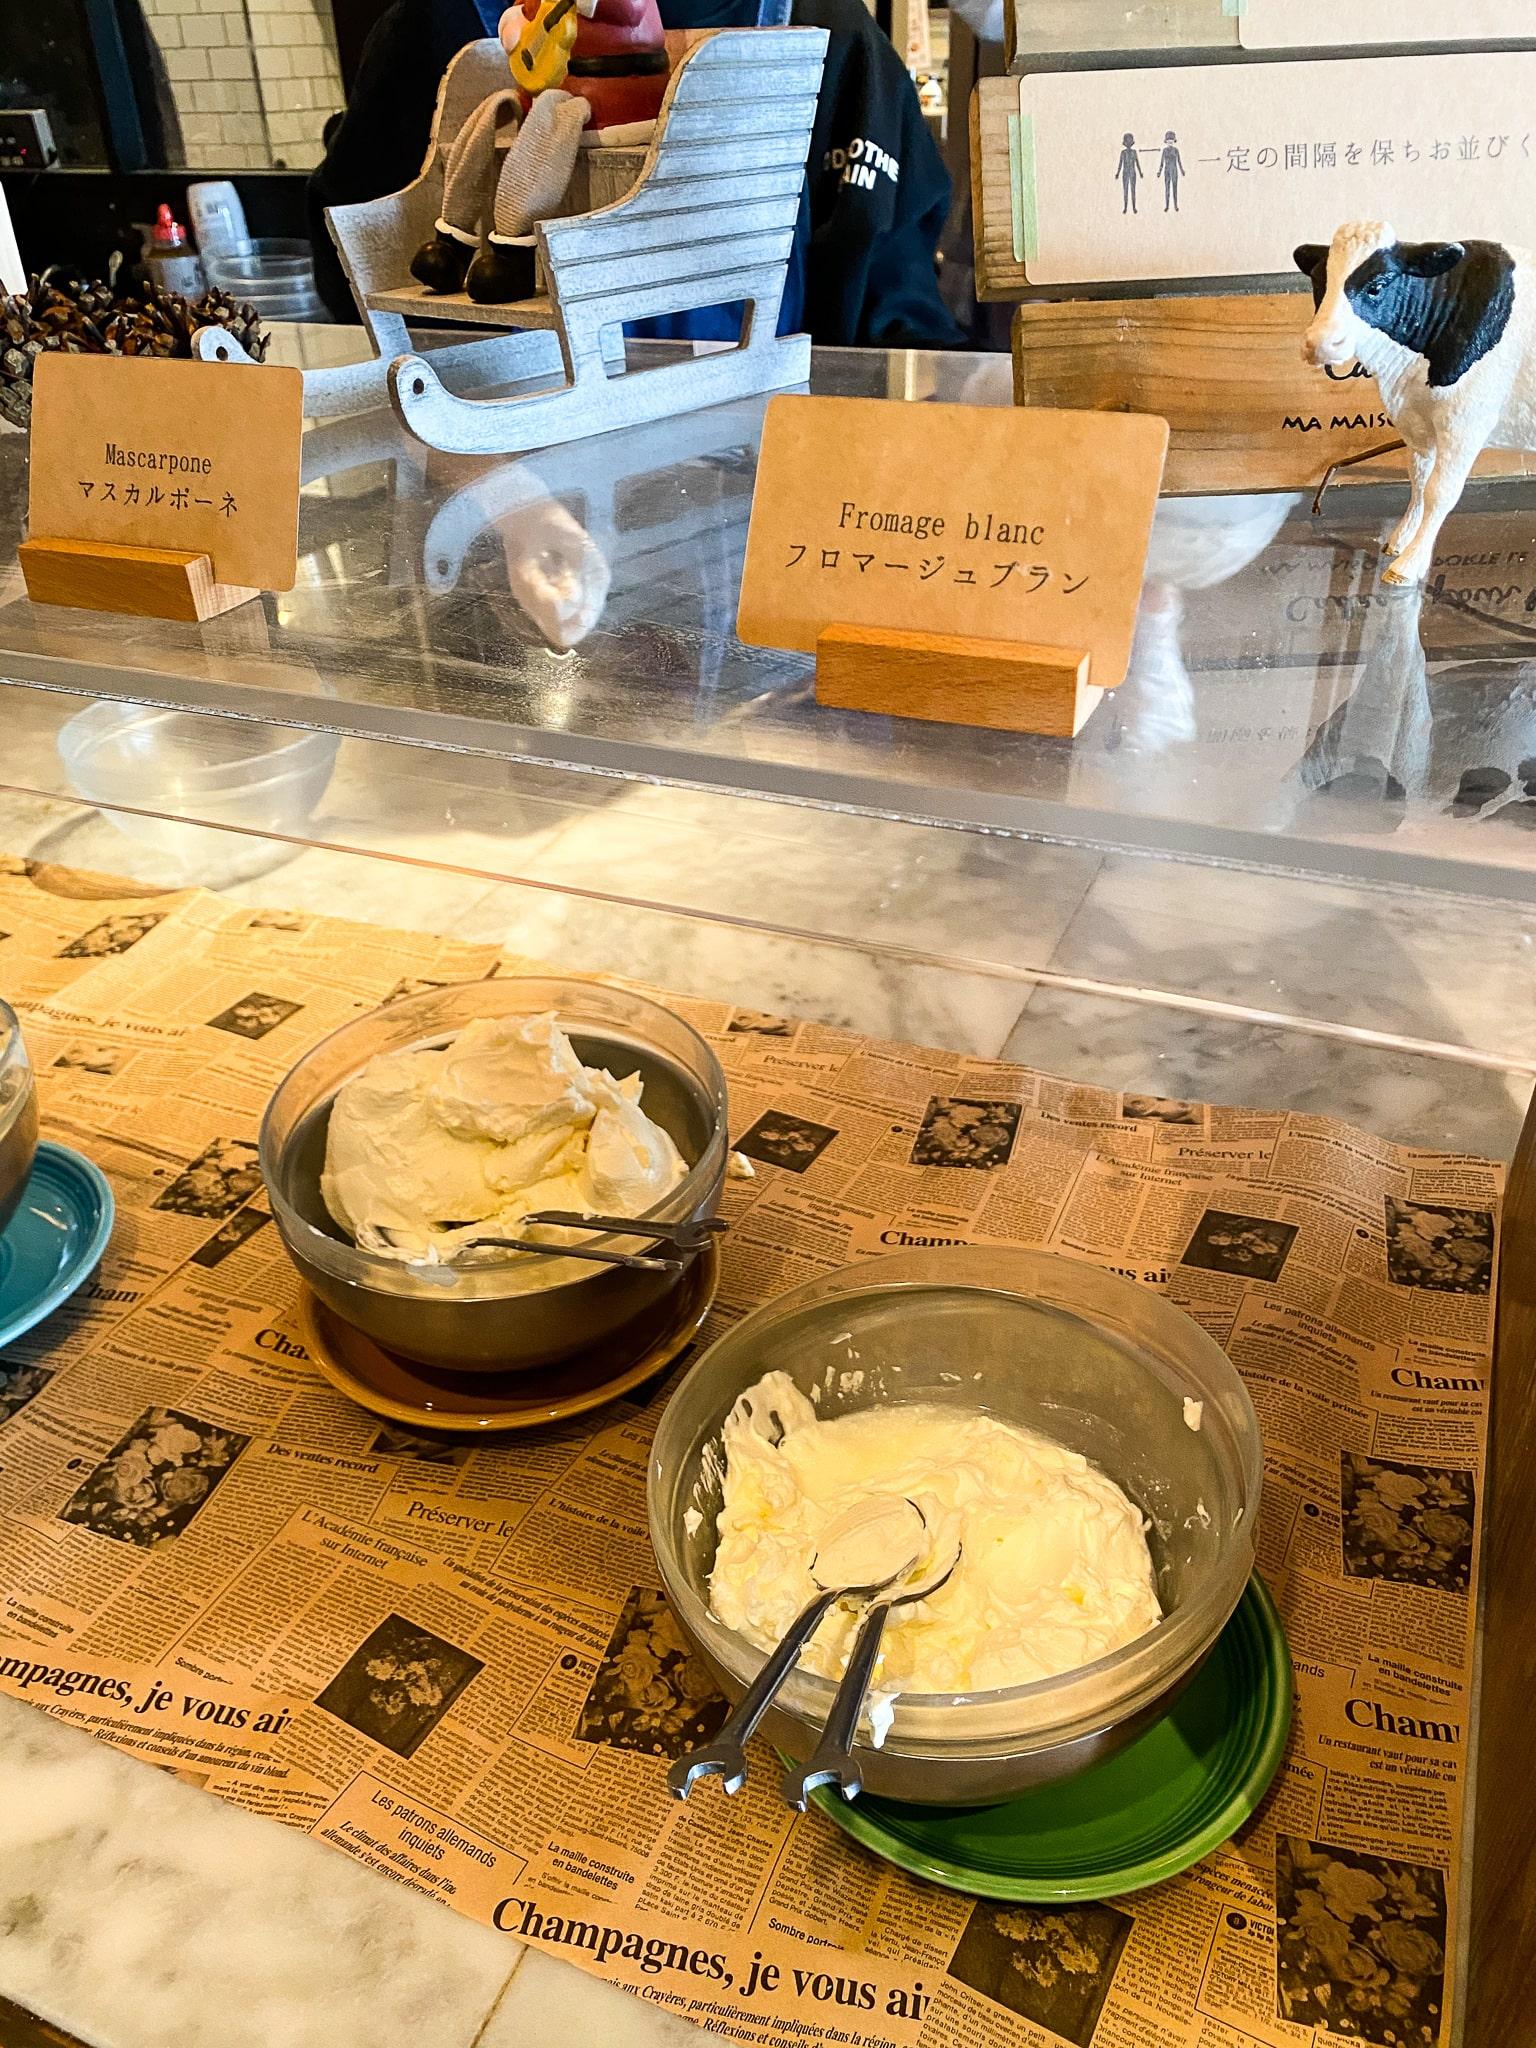 「フレッシュチーズ食べ放題」goodspoon フロマージュブラン